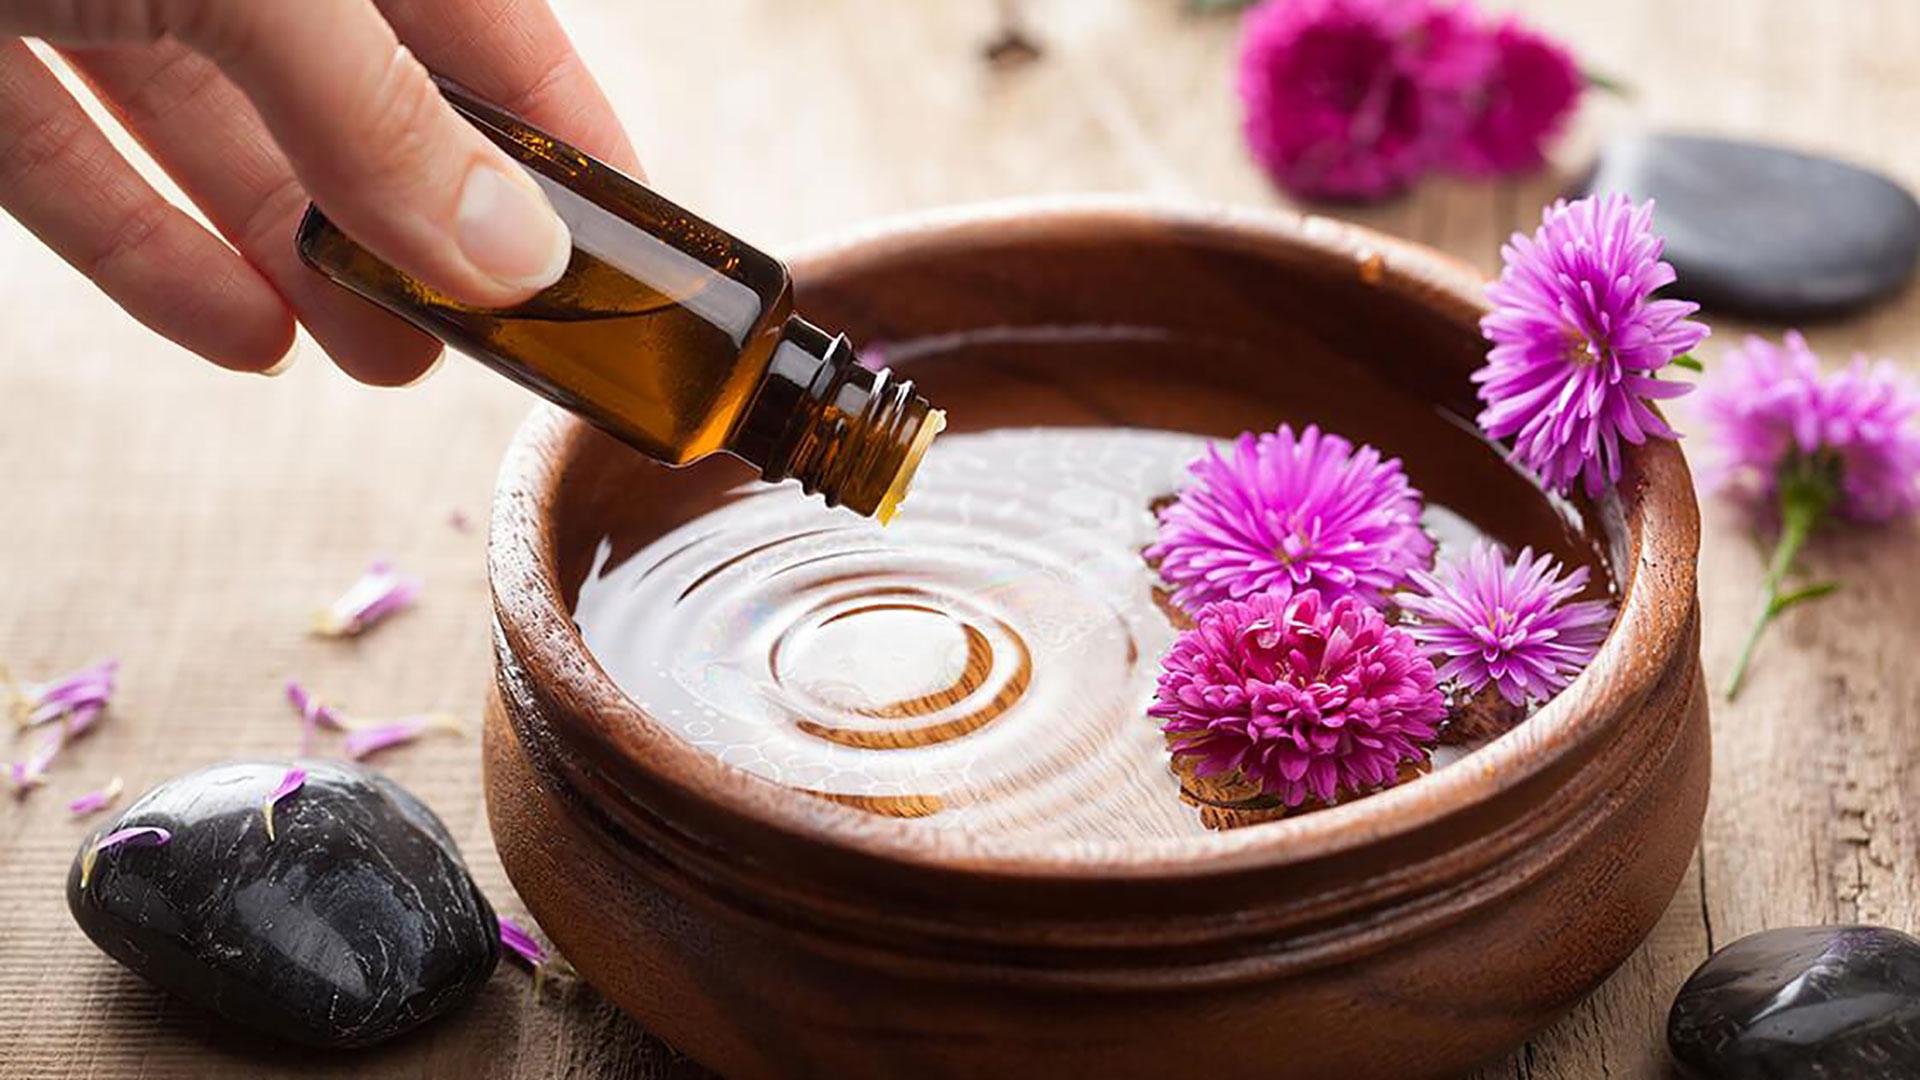 Come funziona l'aromaterapia